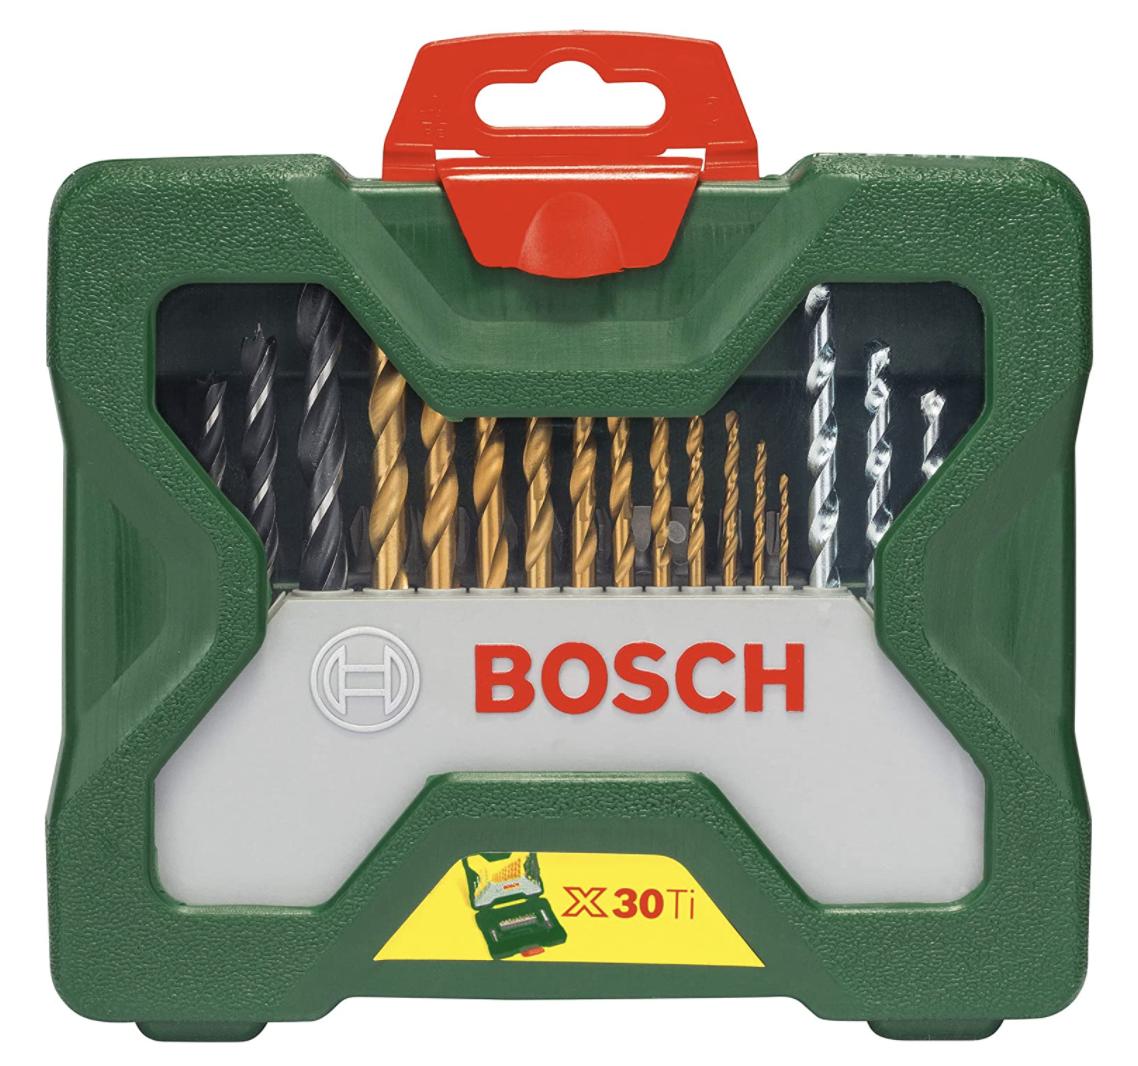 Bosch 30tlg. X-Line Titanium-Bohrer- und Schrauber-Set für nur 11,66€ bei Prime-Versand